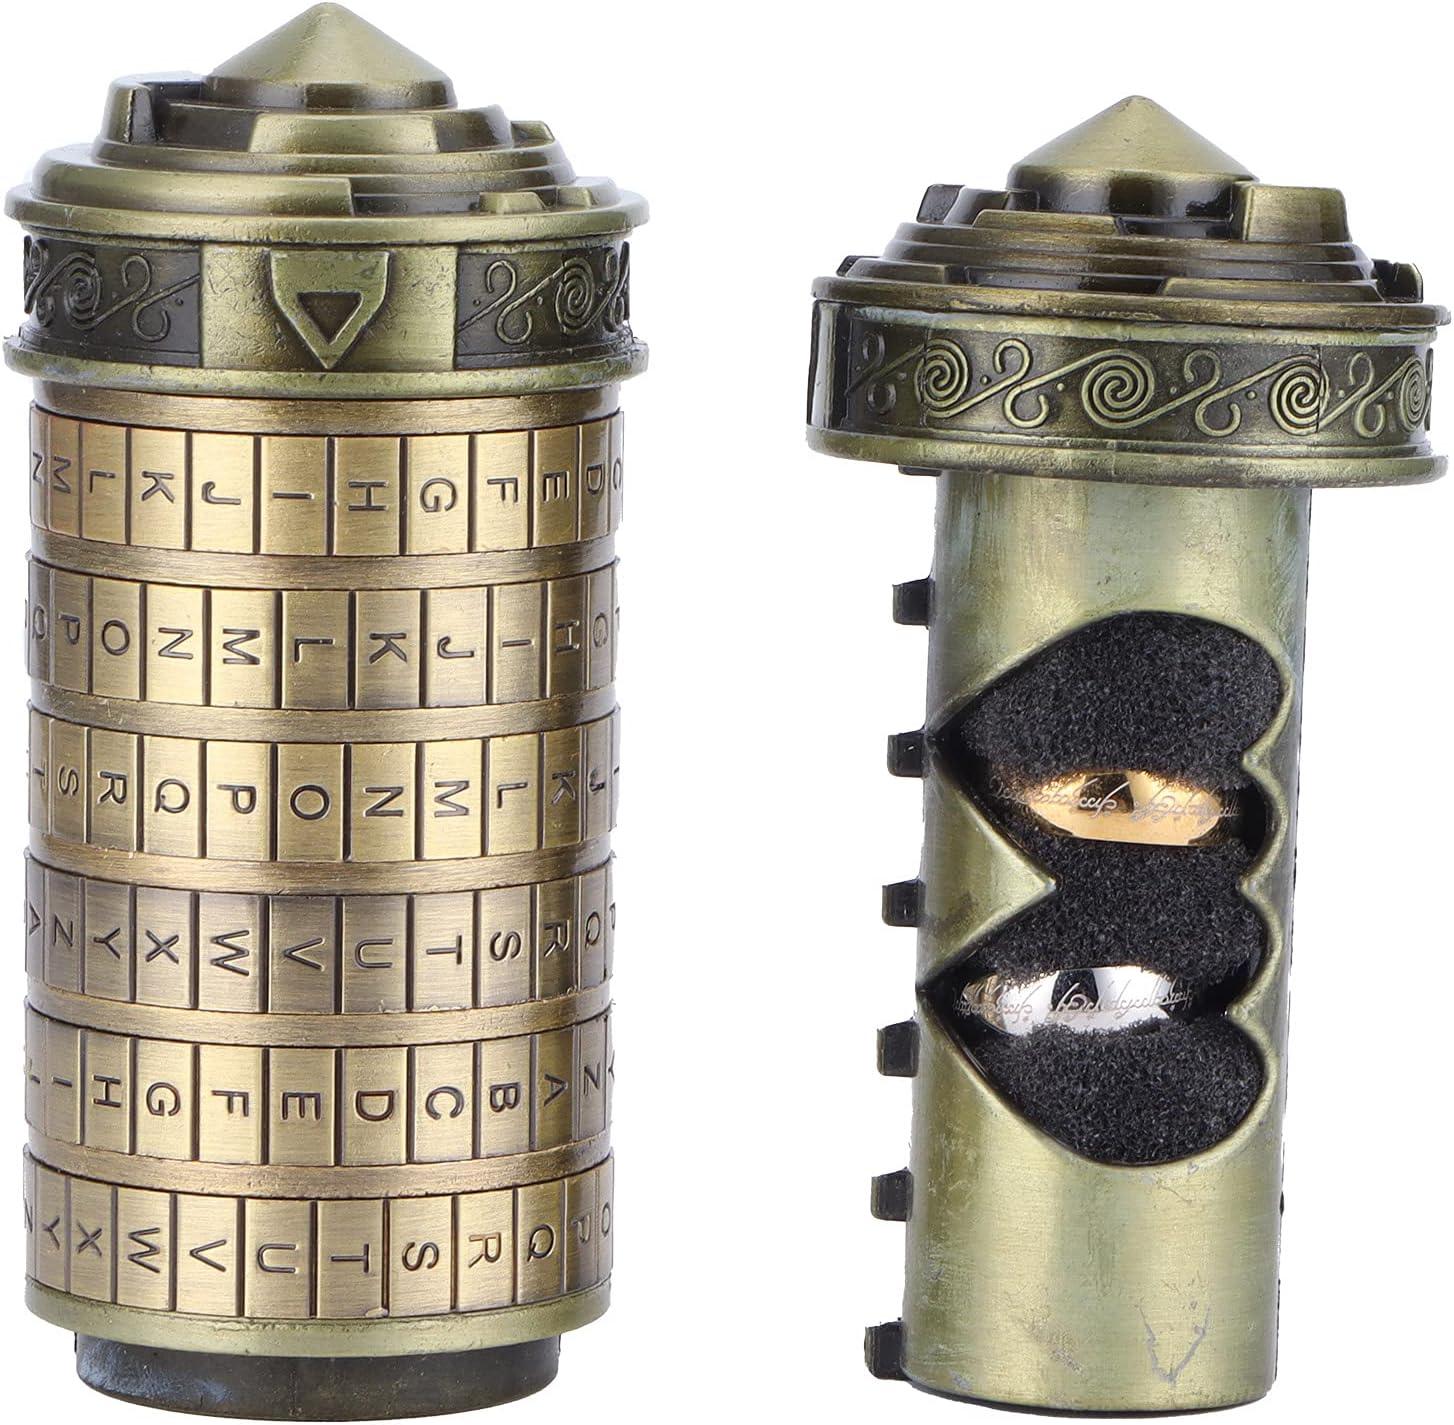 Puzzle Lock Da Vinci Code Bag-Gift with Max 71% OFF Paper Password Gift Dallas Mall